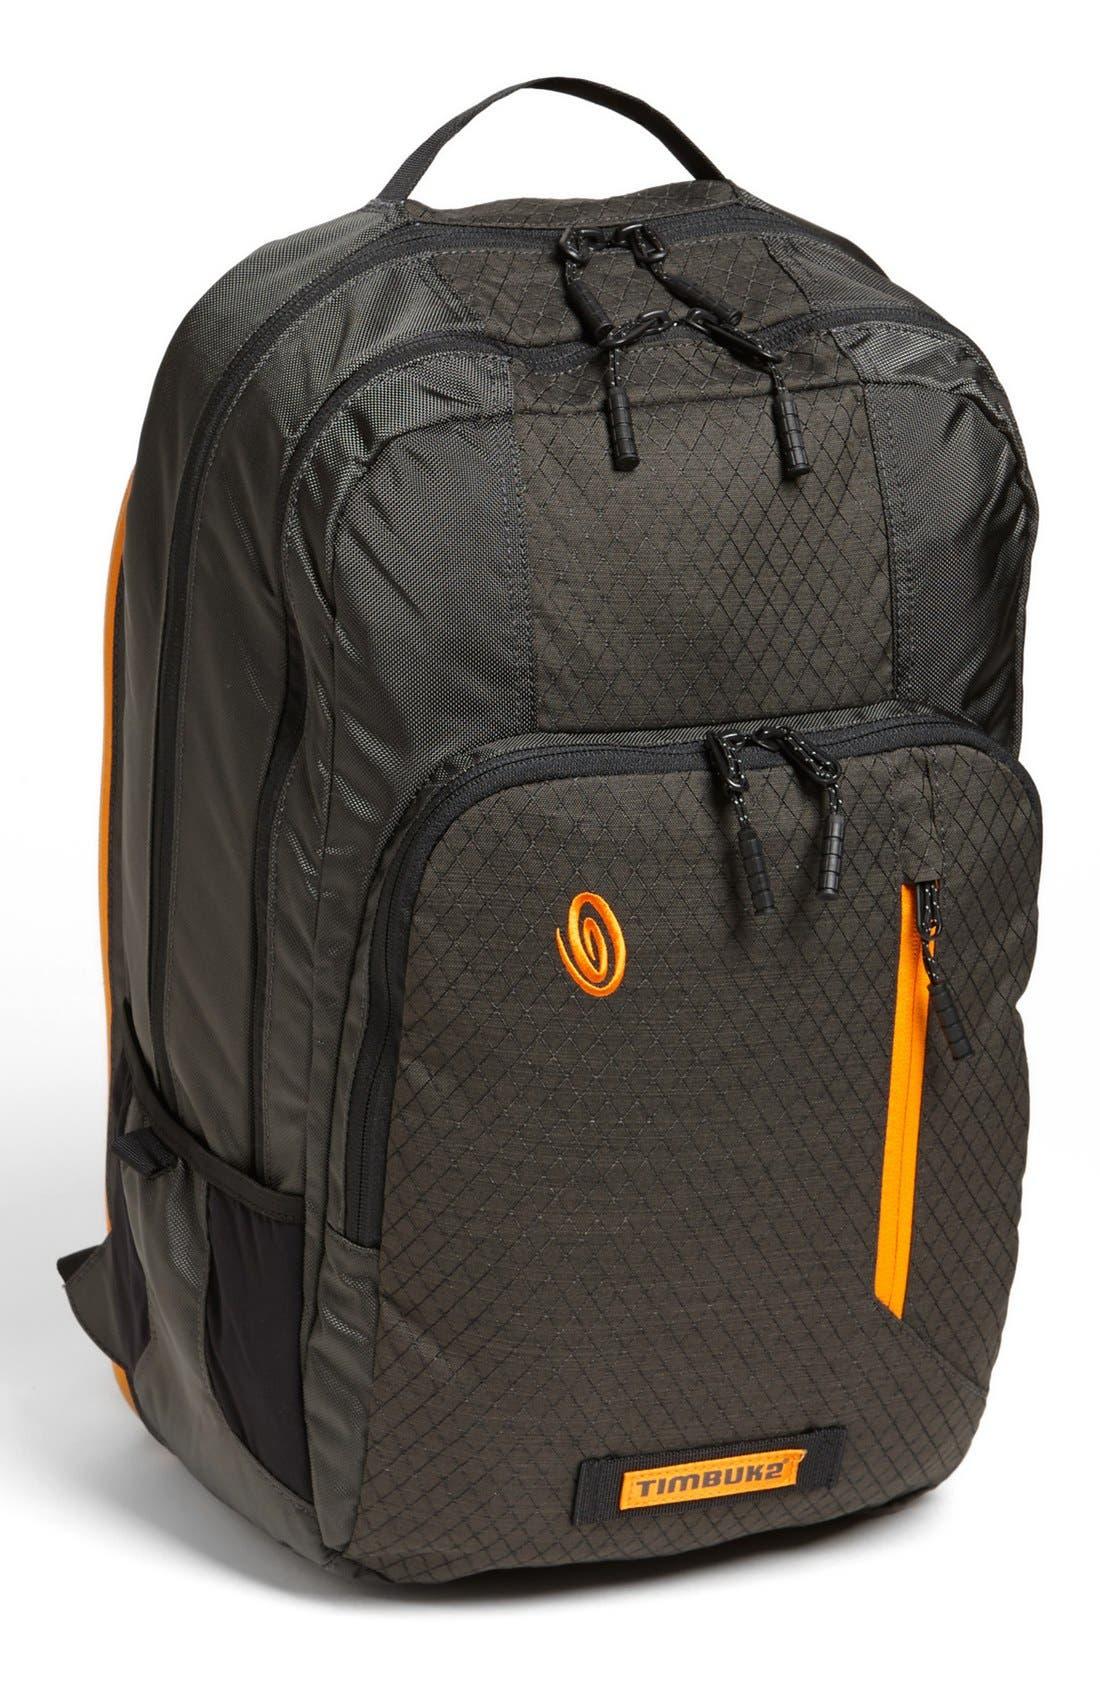 Alternate Image 1 Selected - Timbuk2 'Uptown' Backpack